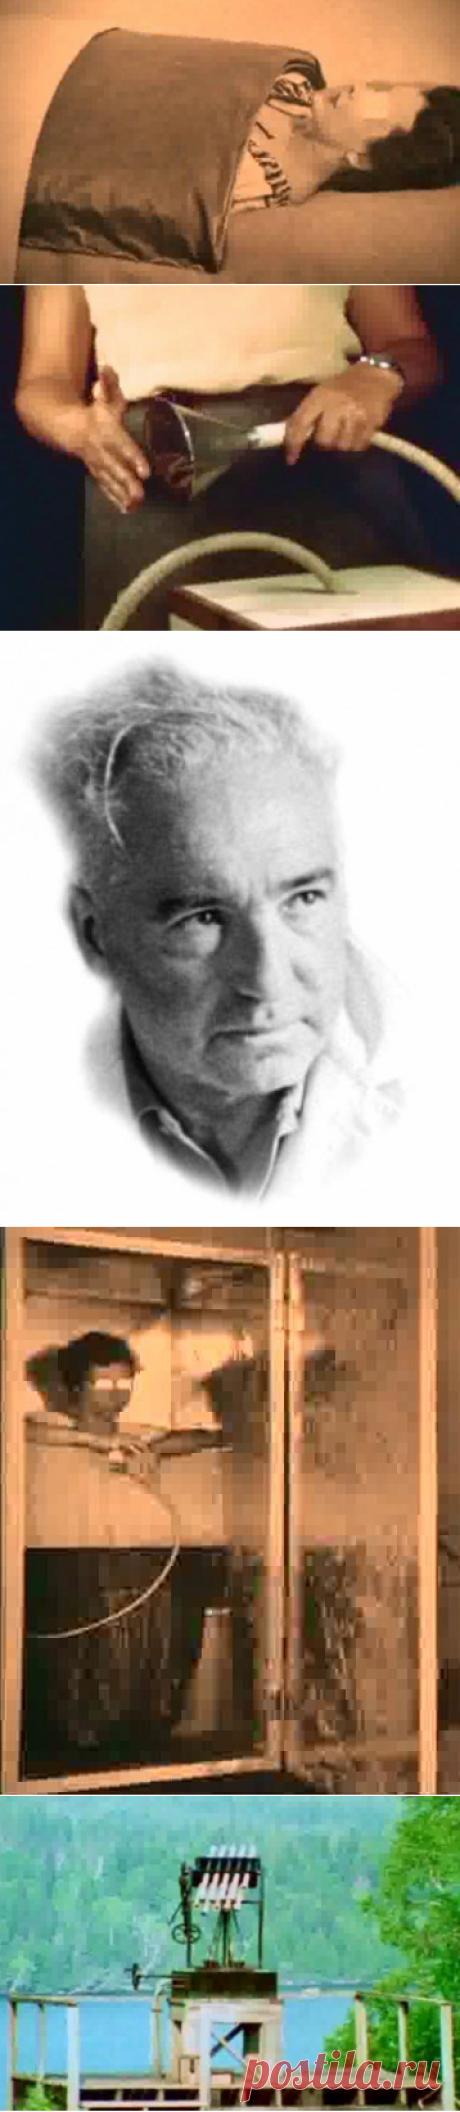 Вильгельм Райх и его теория энергии оргазма, аккумулятор оргона и релаксационная транс камера.